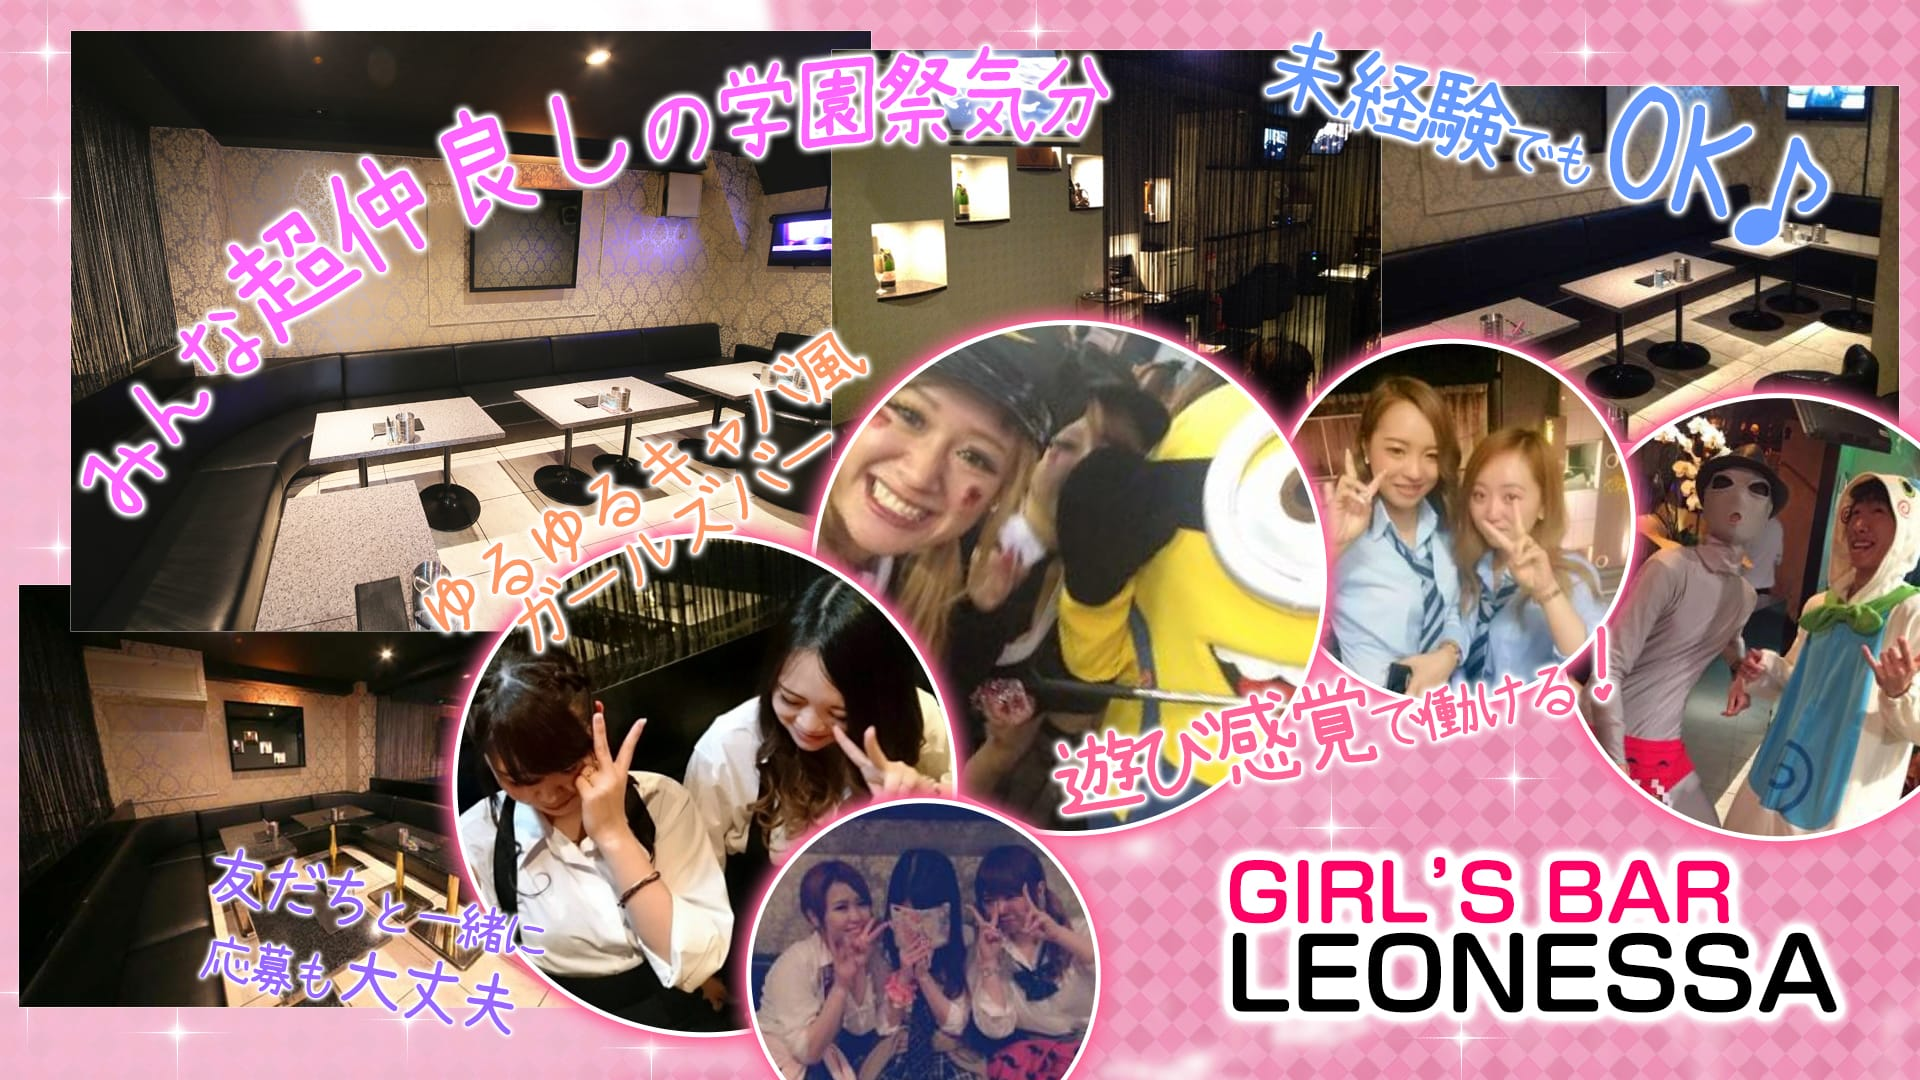 【川崎駅】LEONESSA(レオネッサ) 溝の口ガールズバー TOP画像